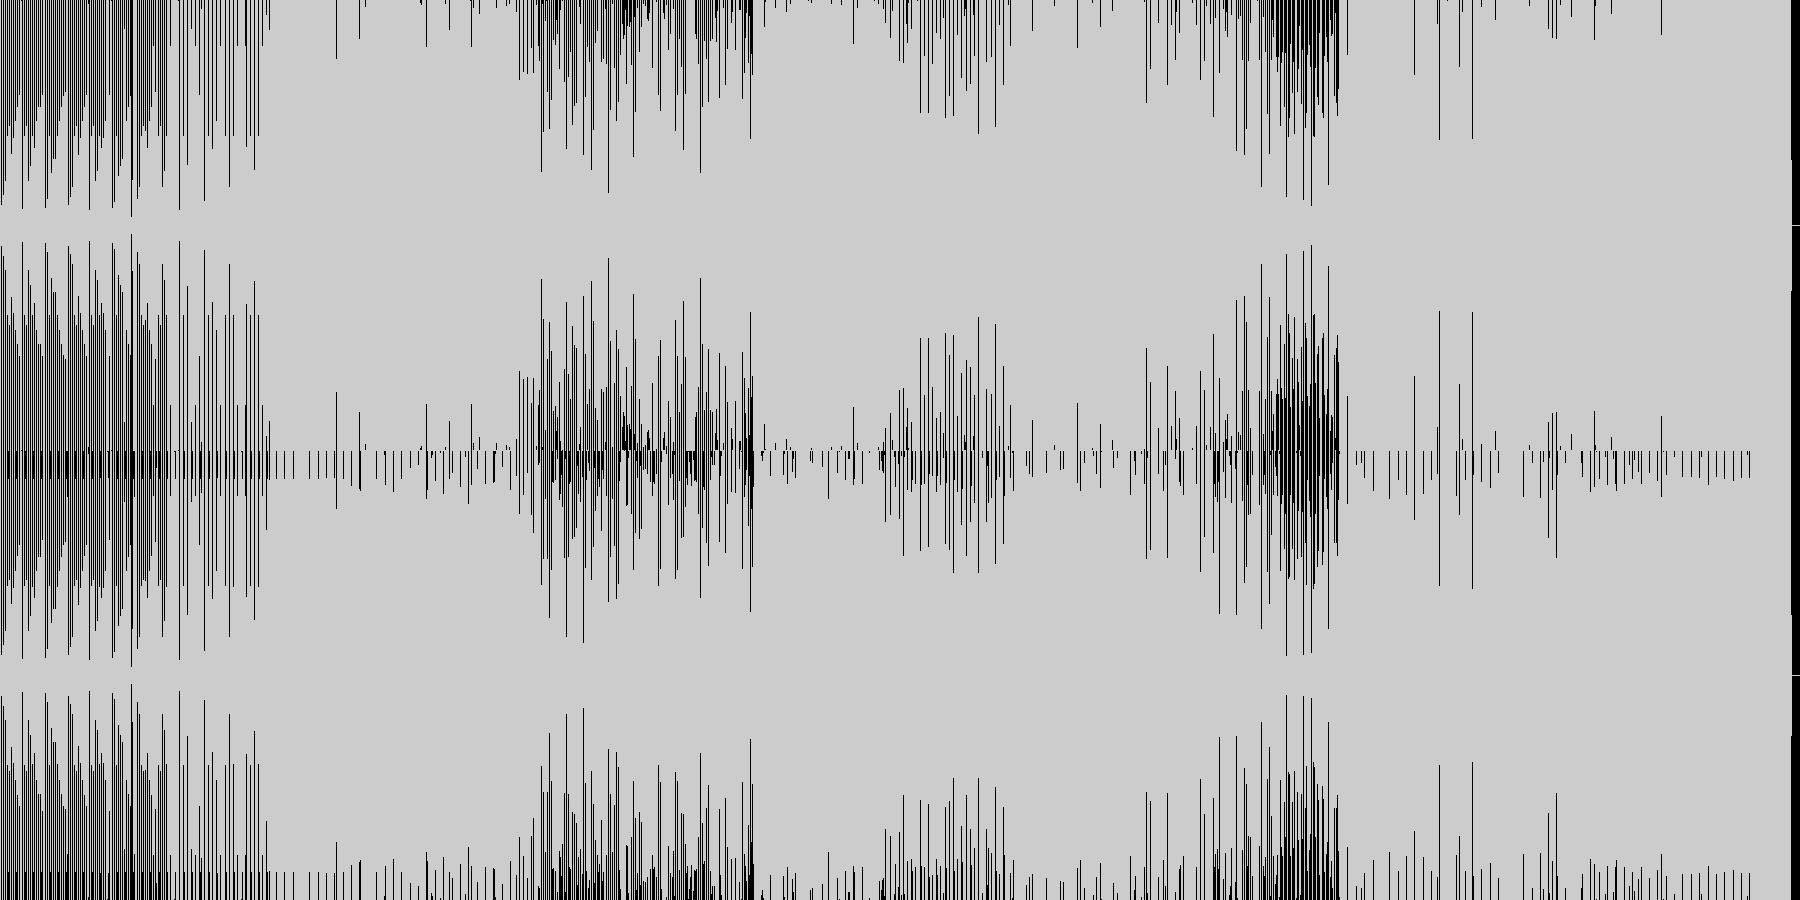 少し暗めなミニマルハウスの未再生の波形